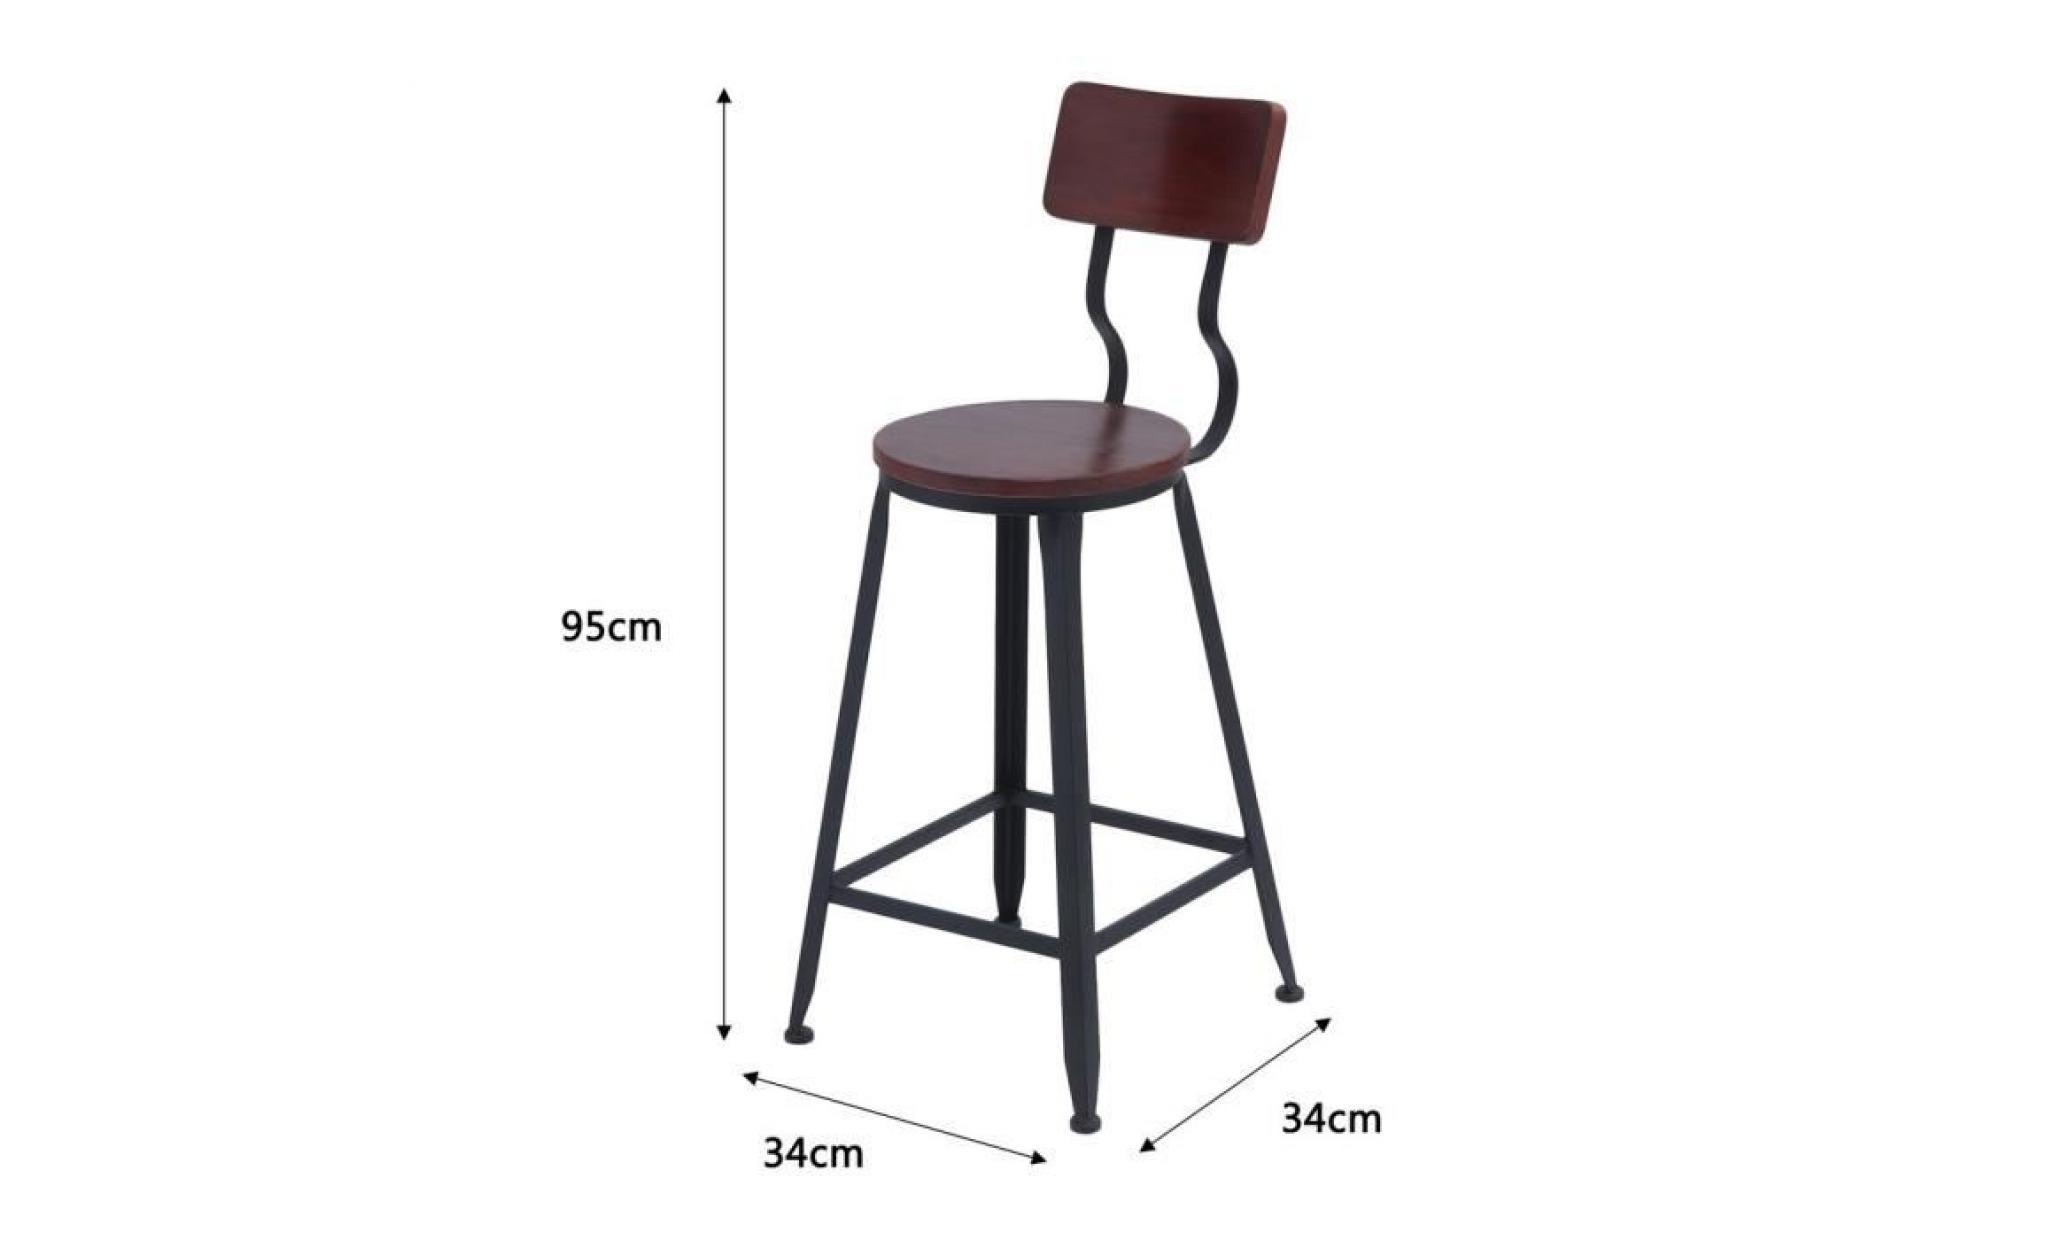 salle haut chaise de avec 4 bar bois manger vintage tabouret de fer pieds dossier bar à et KJl1TFc